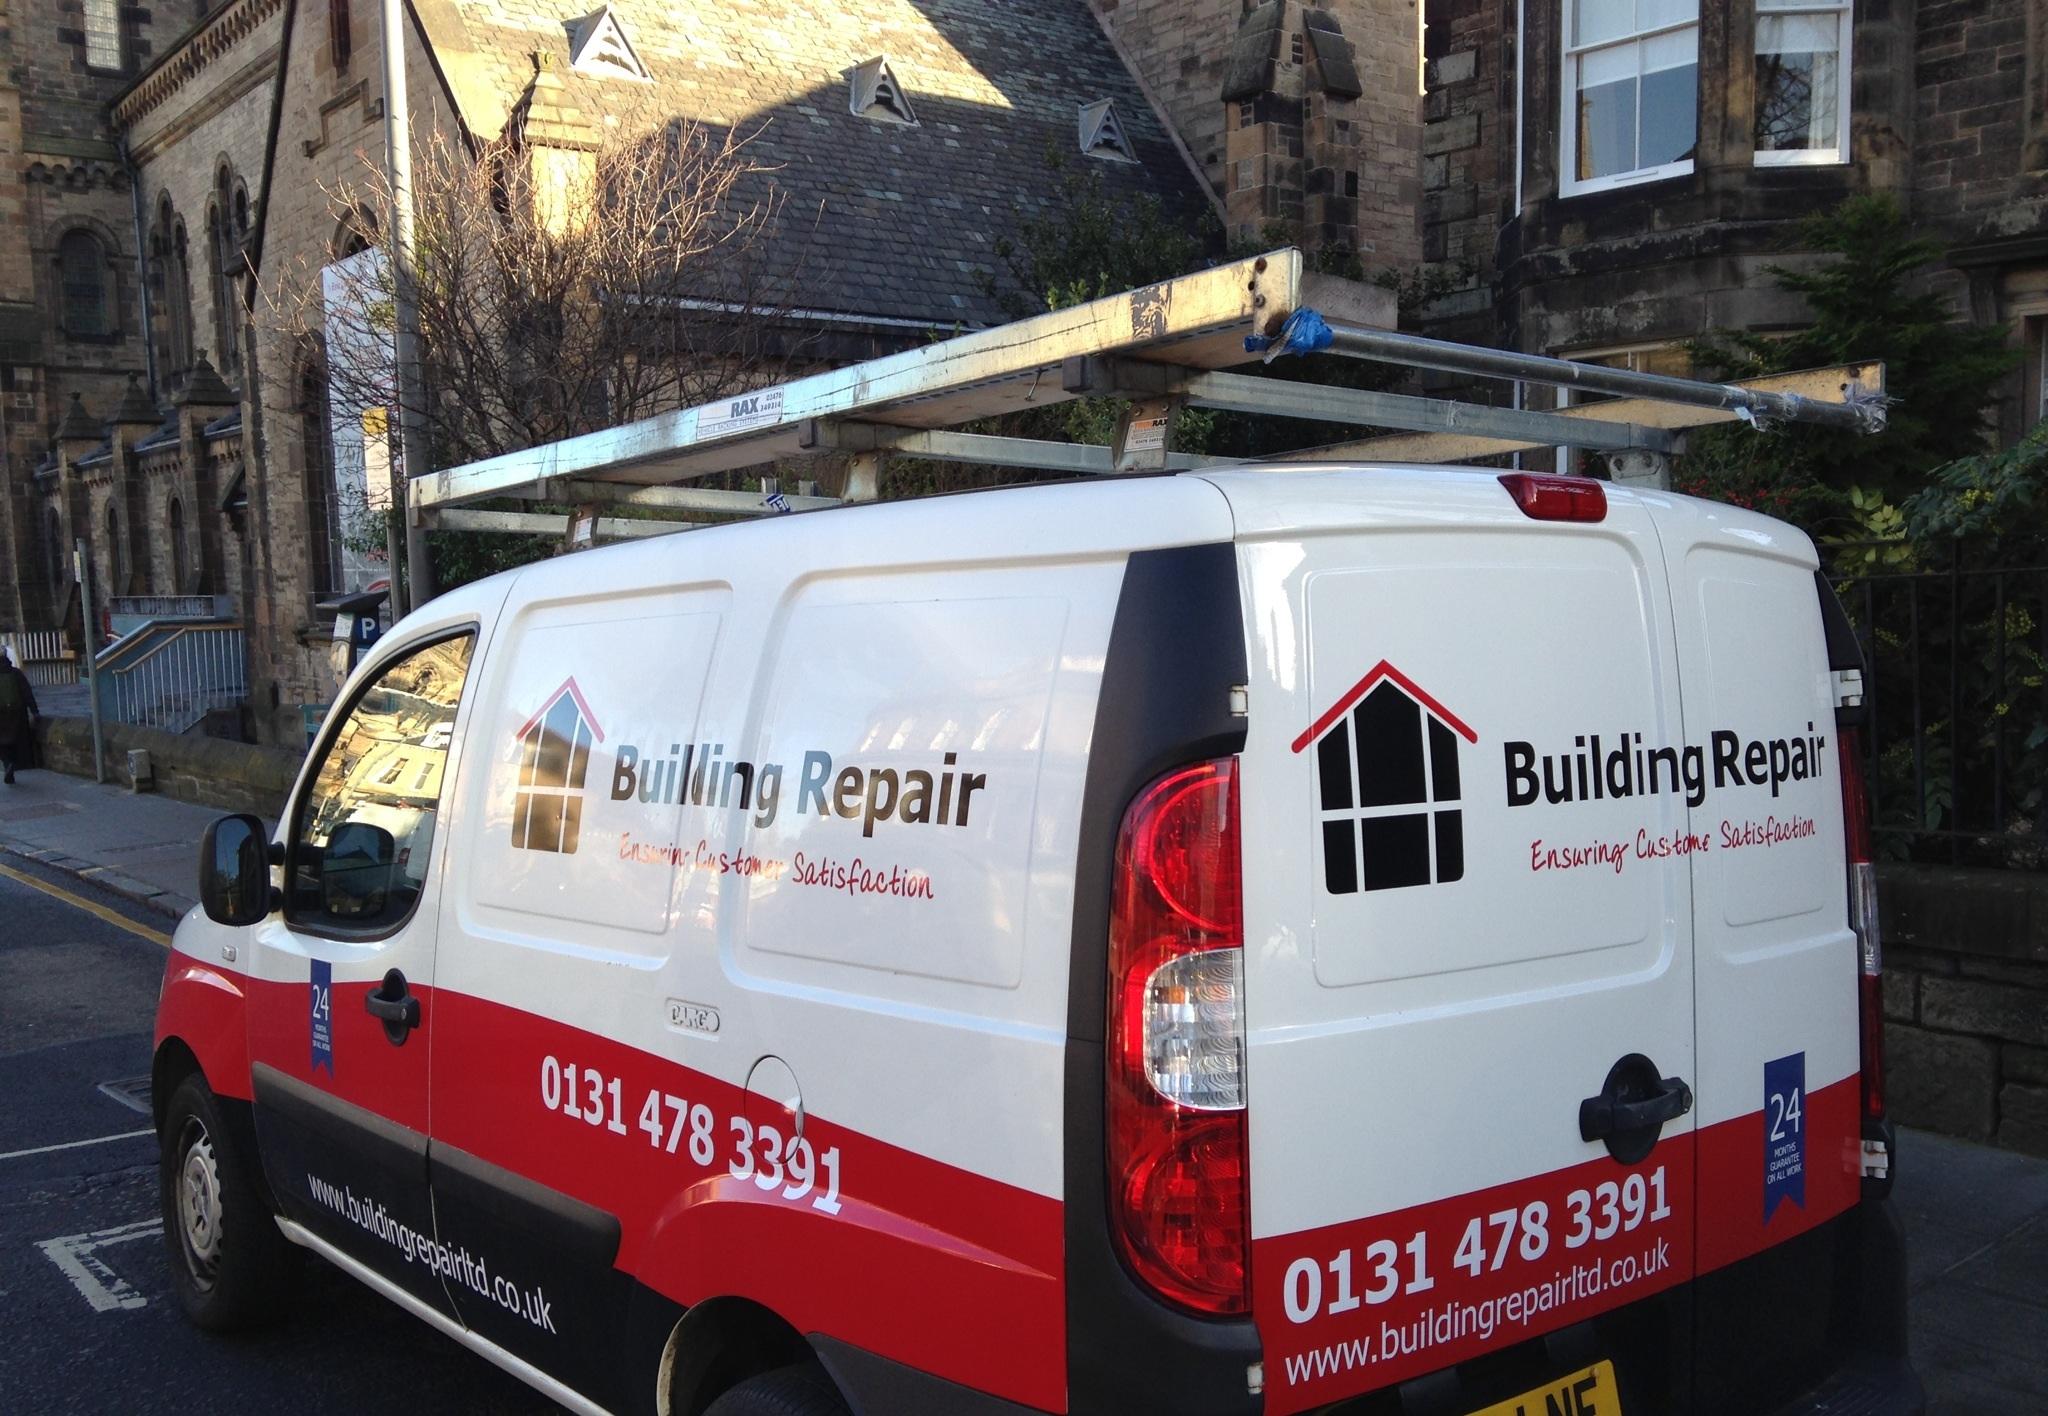 Building Repair - www.buildingrepairltd.co.uk